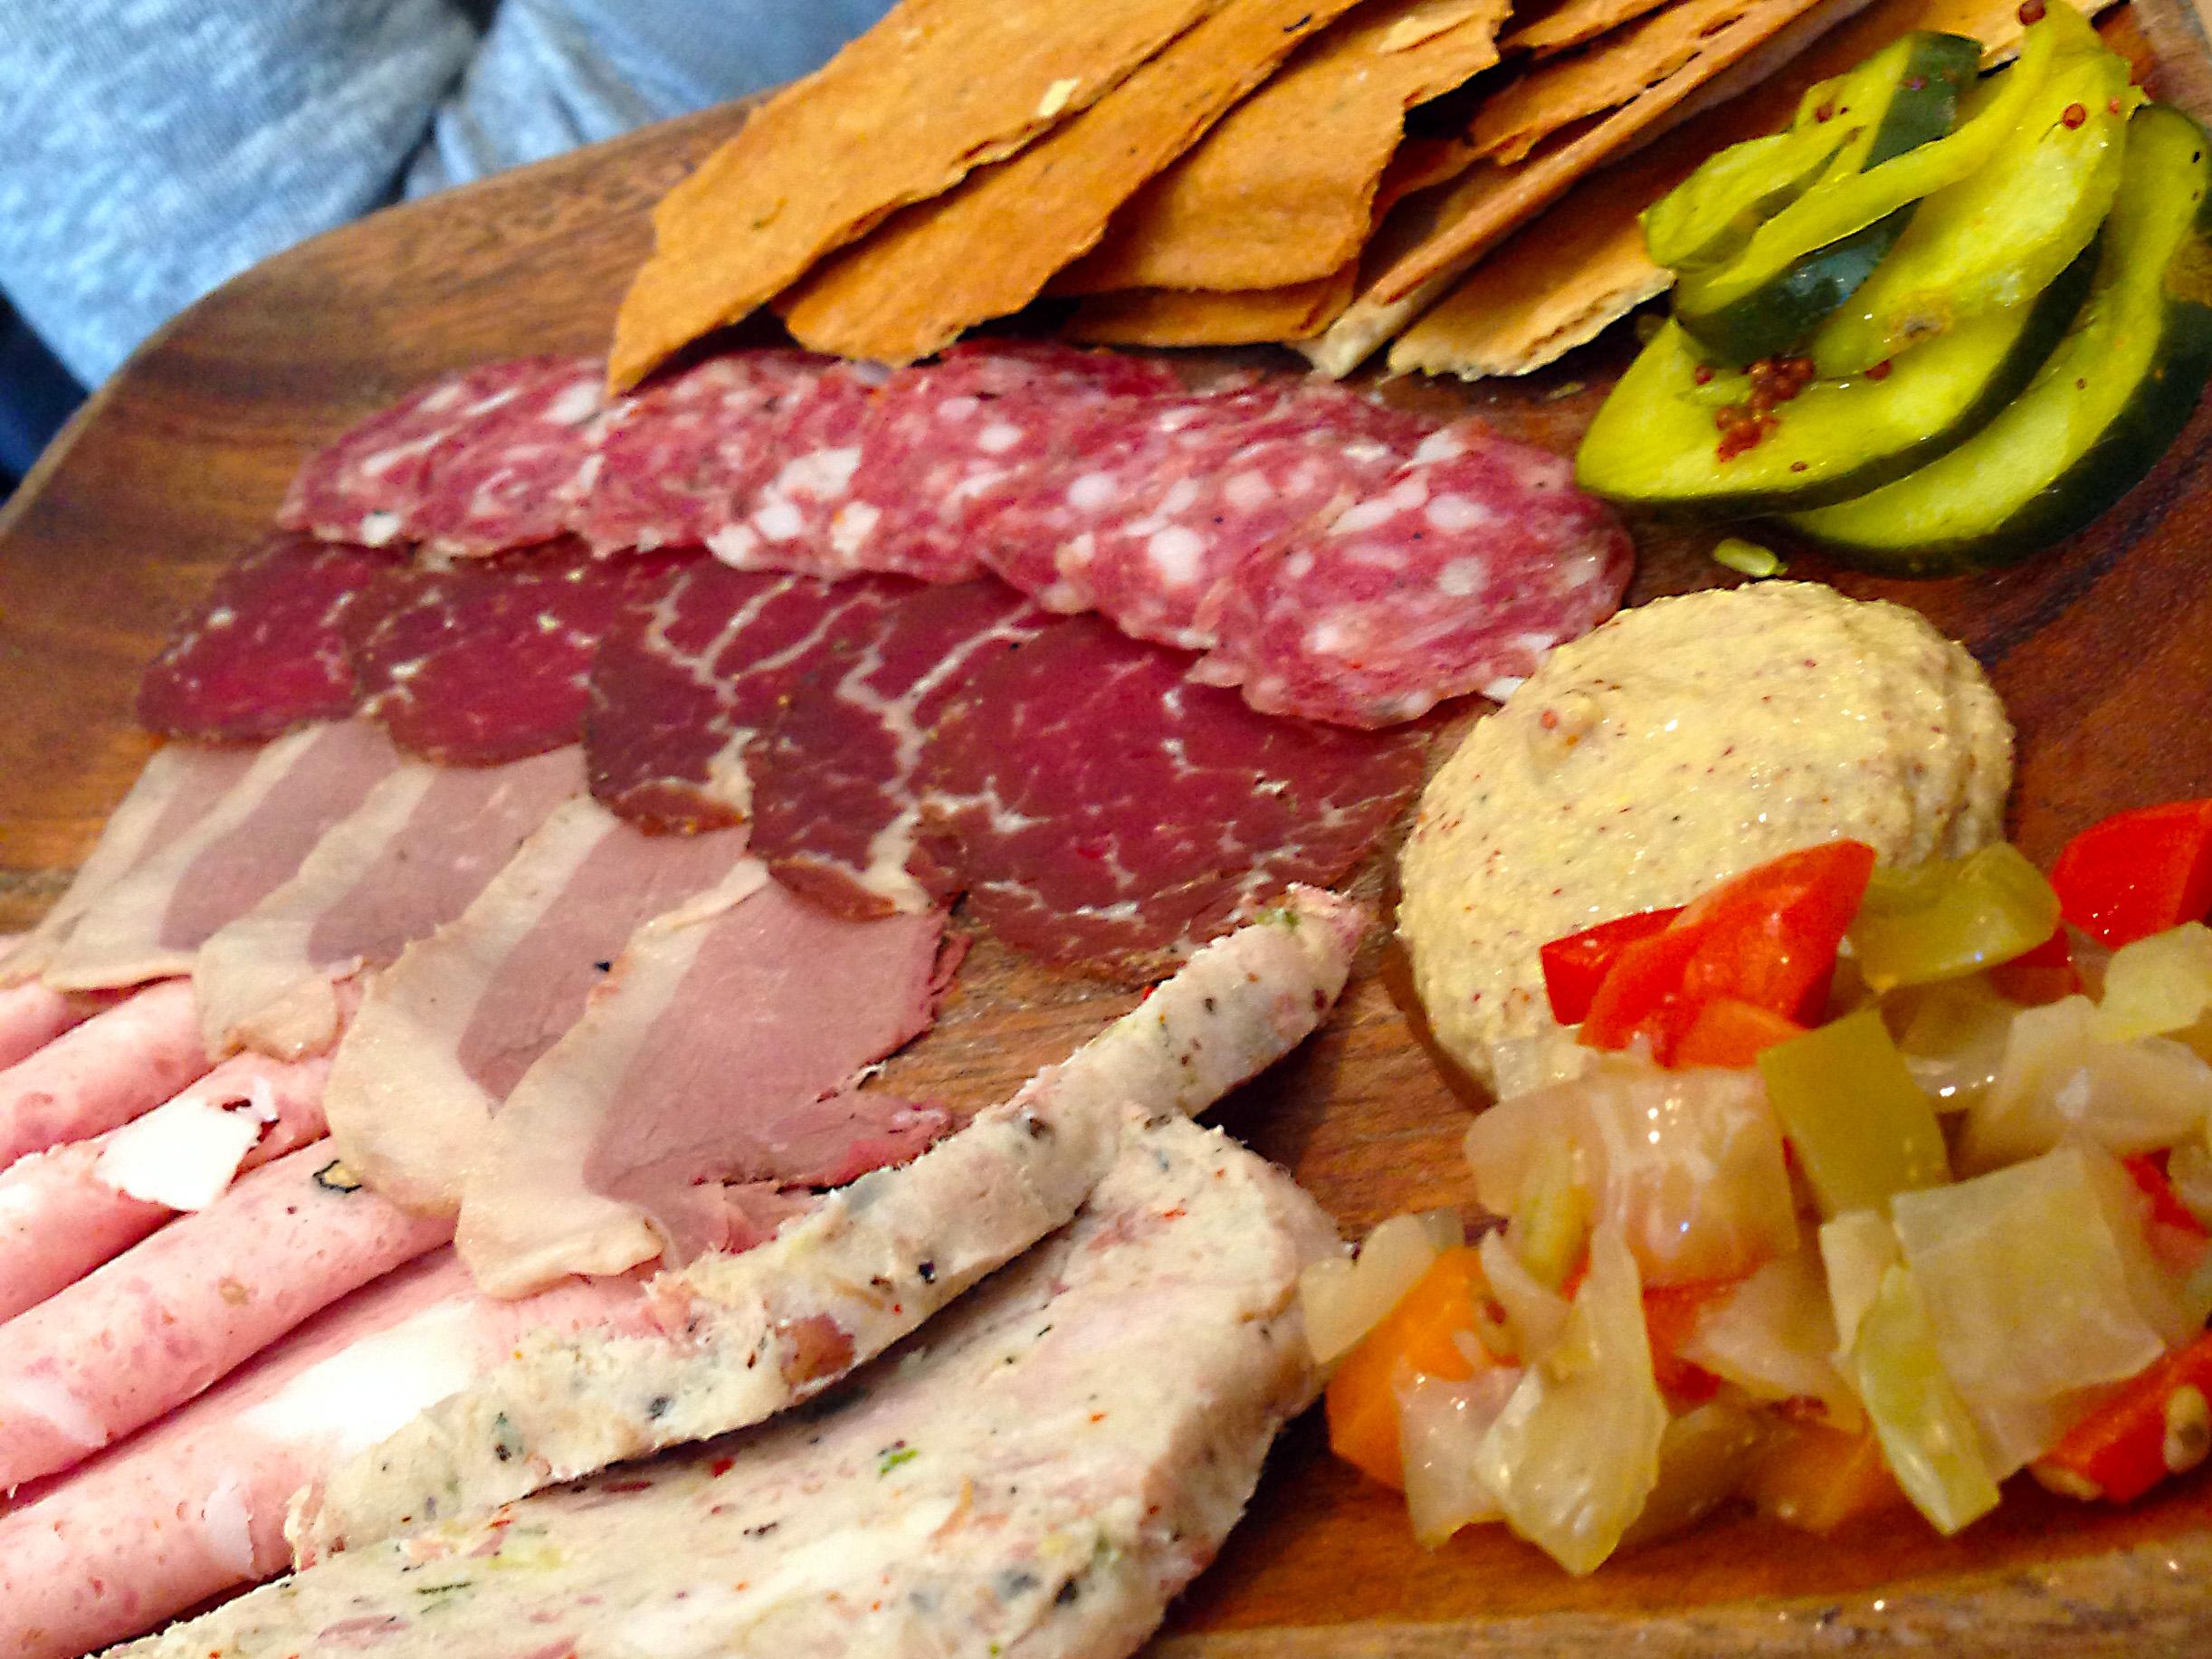 Cochon Butcher Charcuterie Plate